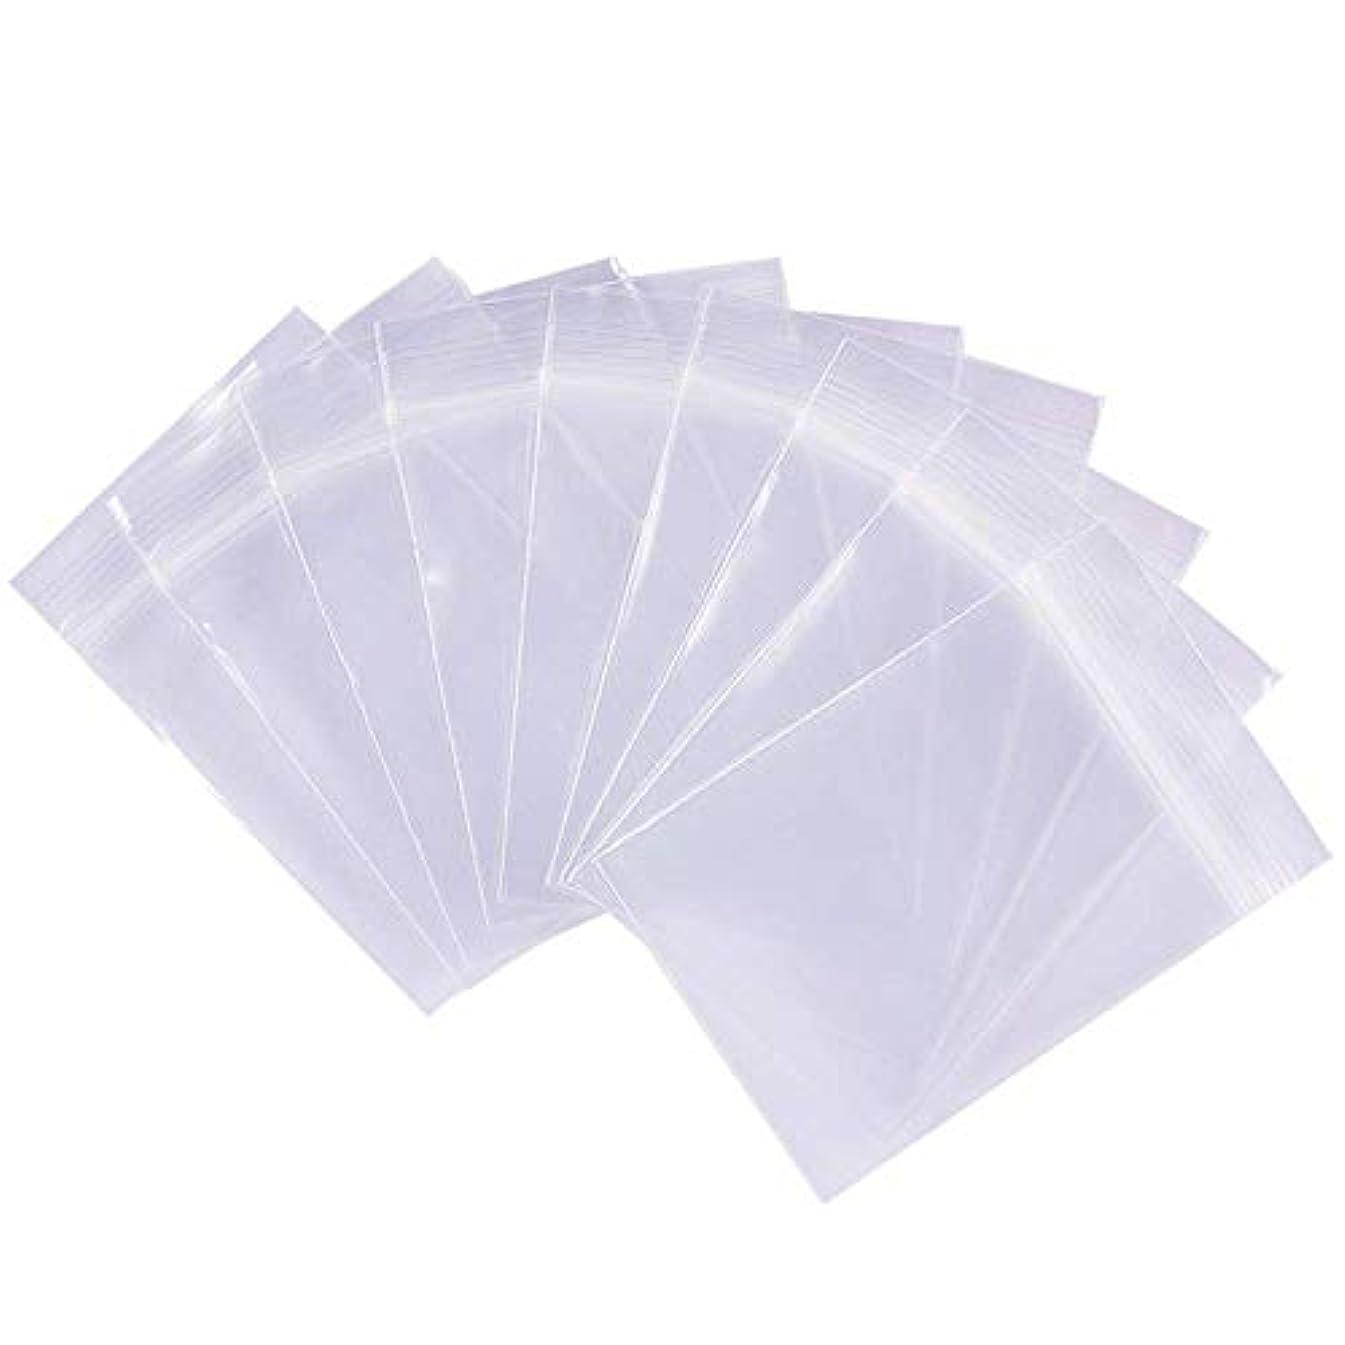 王子逃すデマンド200枚チャック袋 透明チャック付ポリ袋 リサイクル可能プラスチック袋密封保存袋